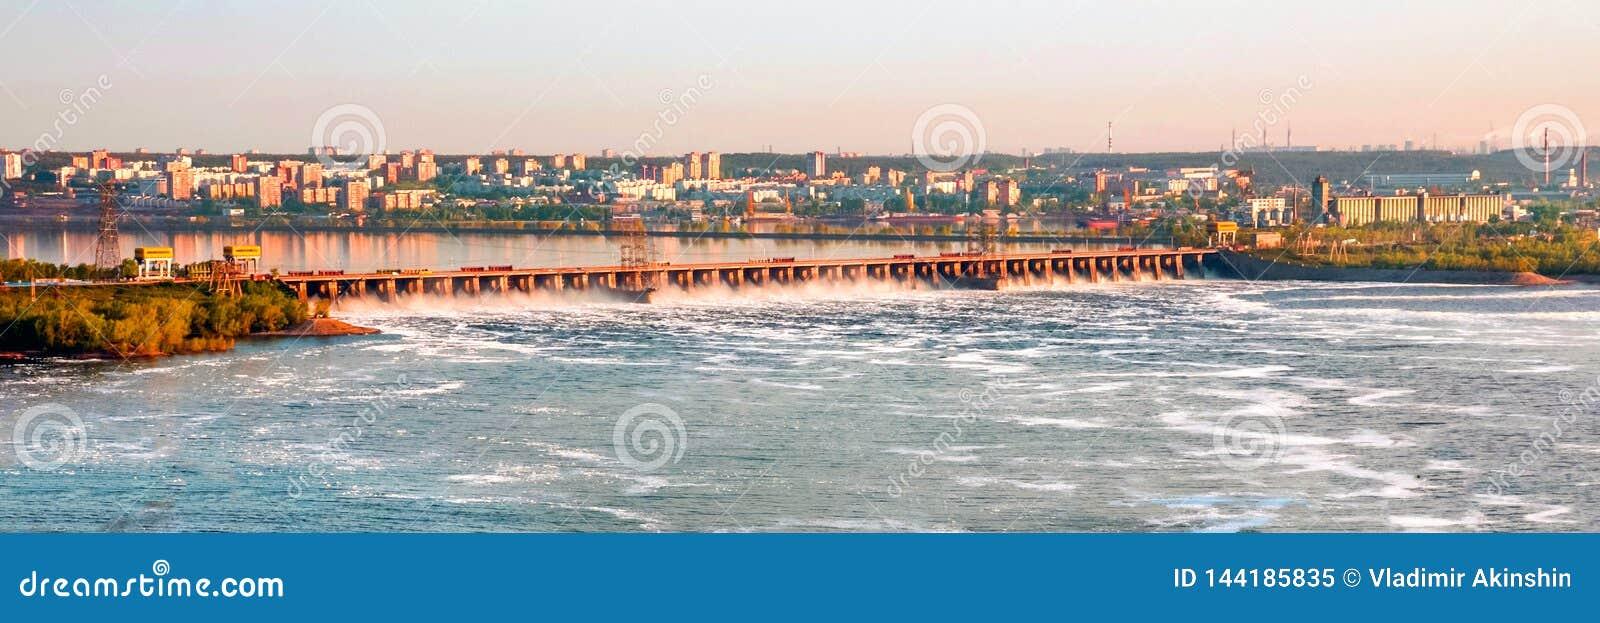 A grande descarga da ?gua de mola na represa de Zhiguli perto da cidade de Tolyatti no Rio Volga